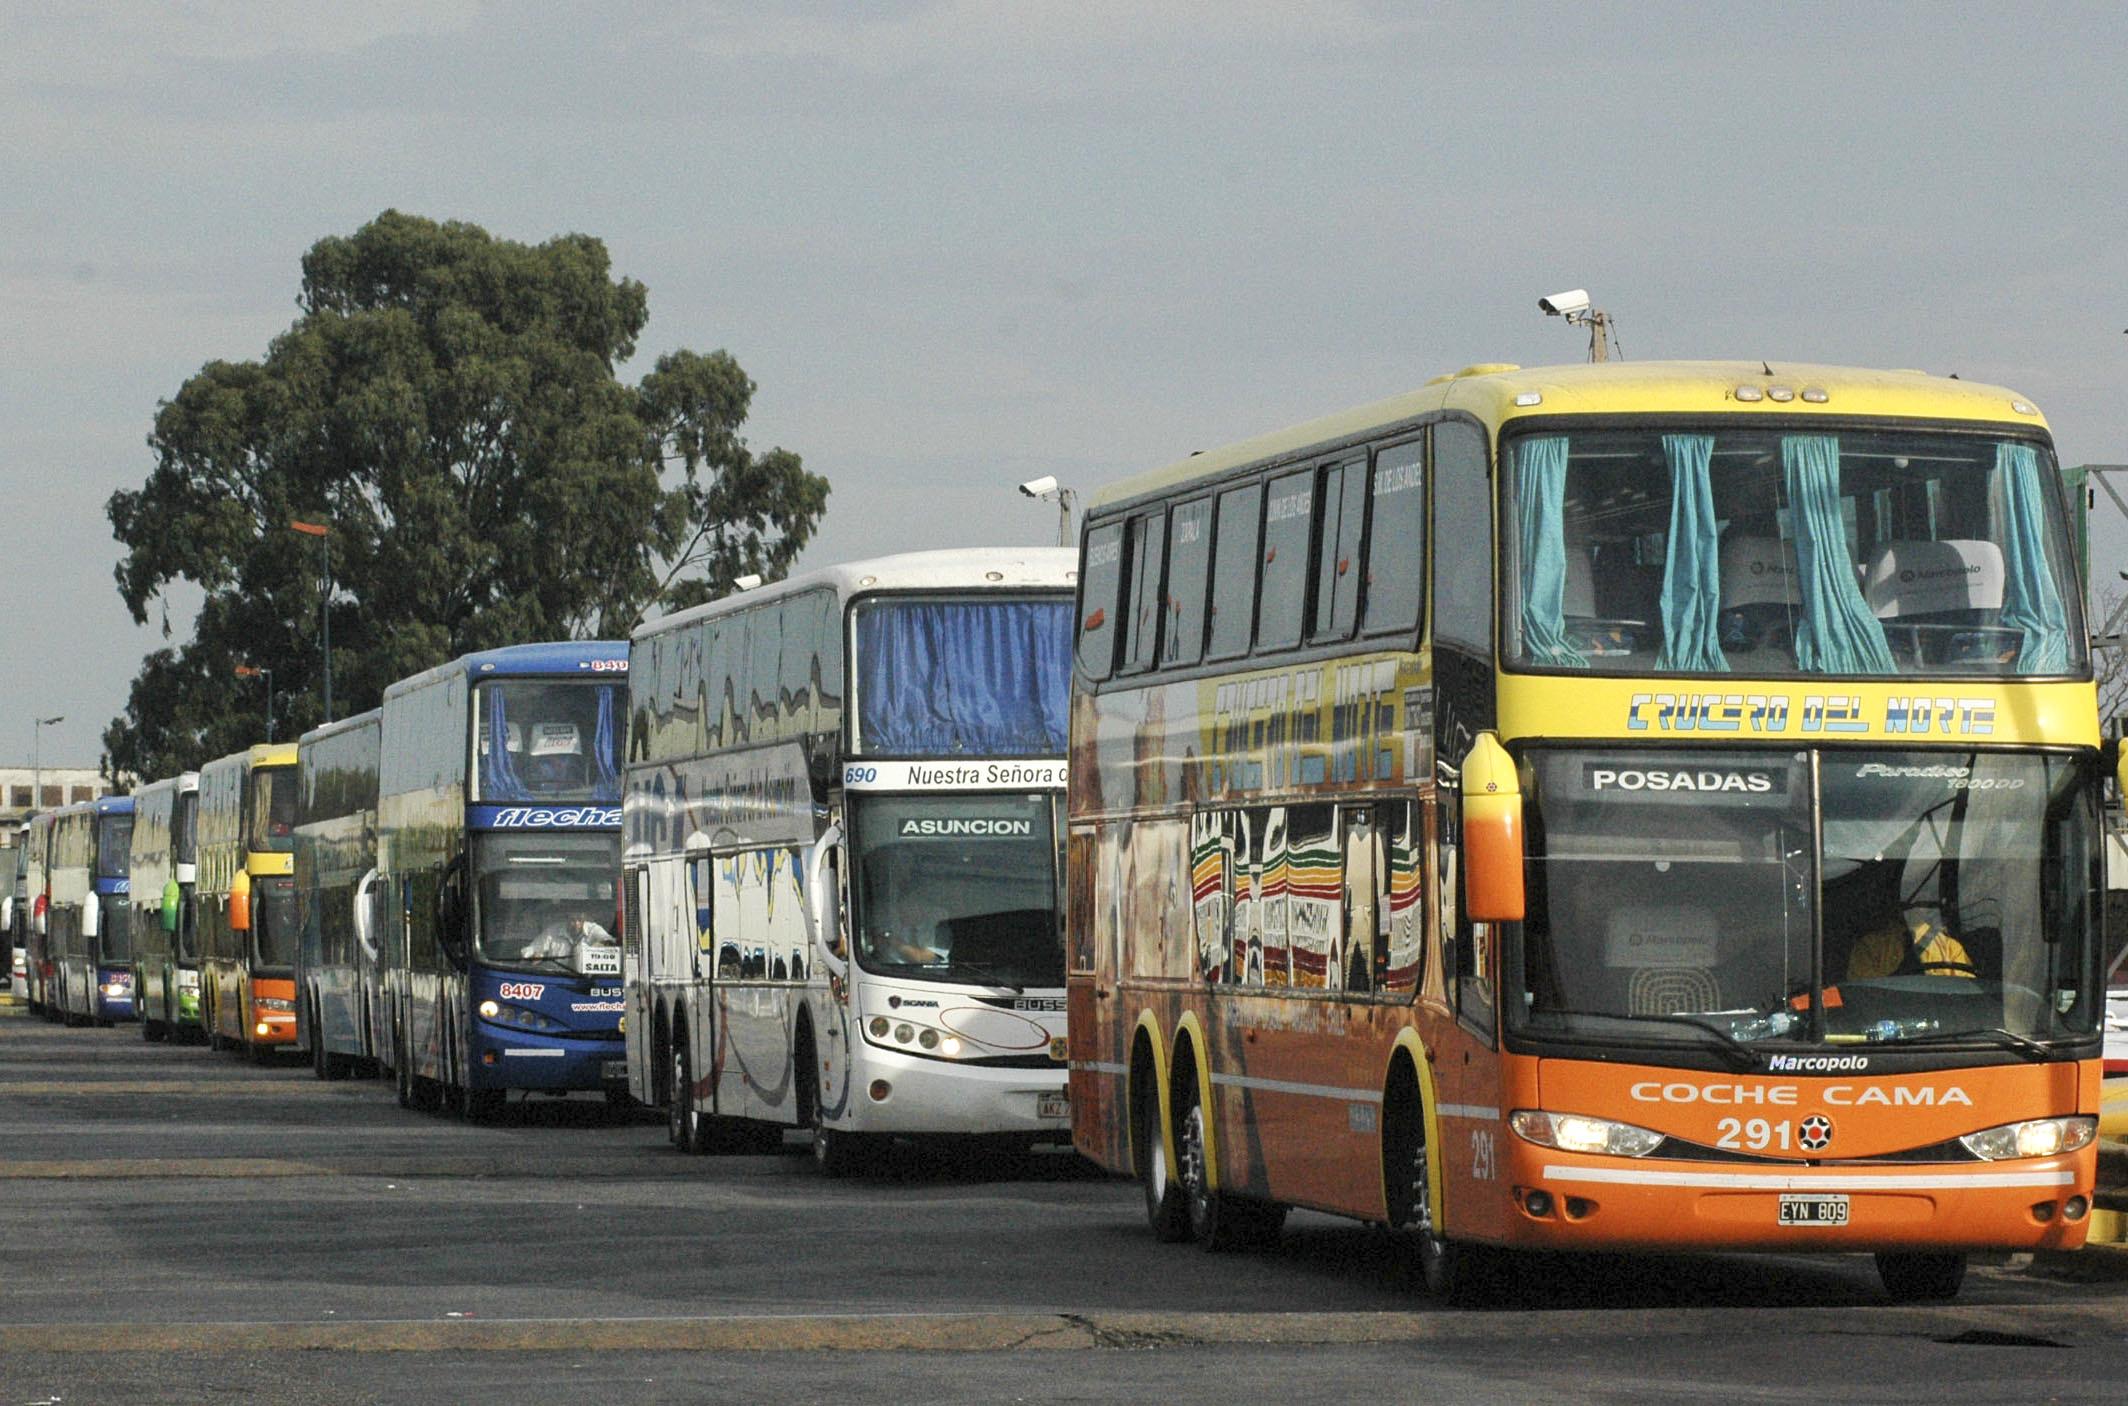 No habrá medios de transporte de media y larga distancia durante el fin de semana largo